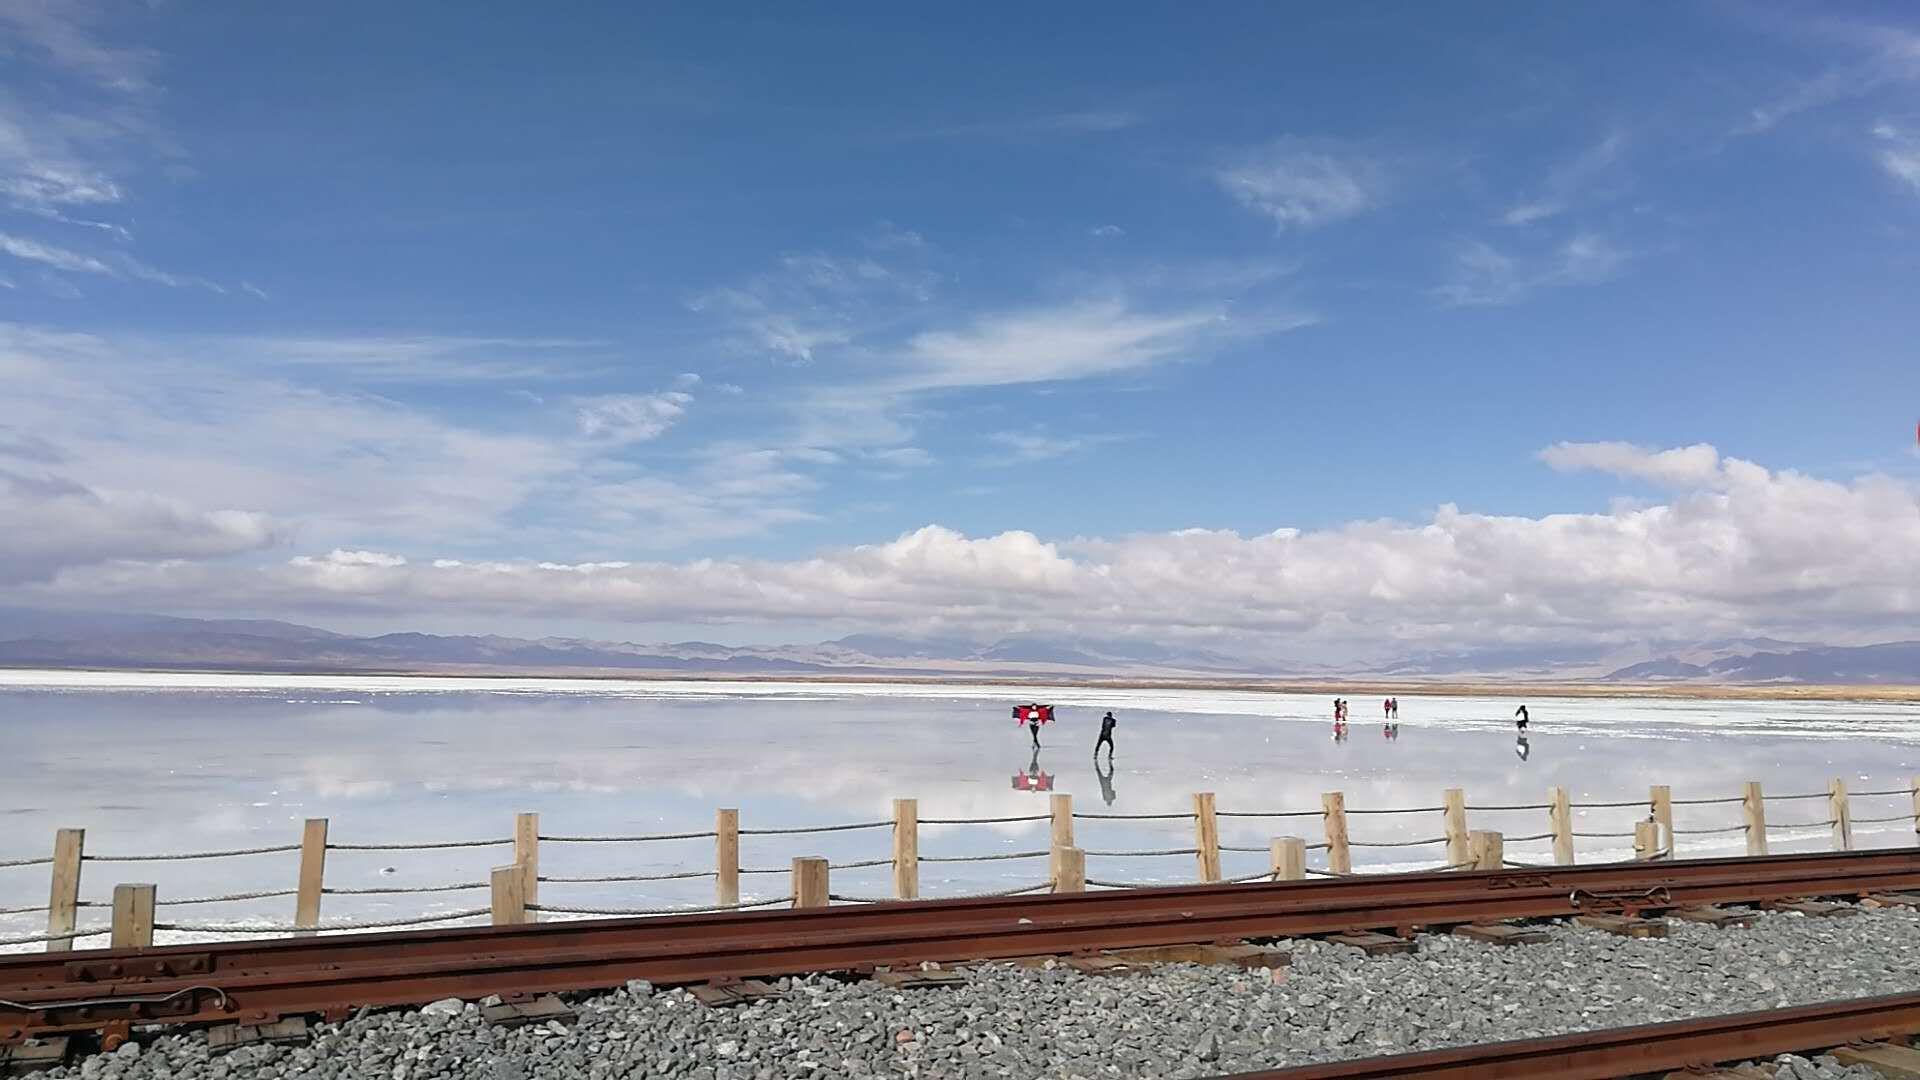 【携程攻略】海西茶卡盐湖景点,非常棒的景色!值得去